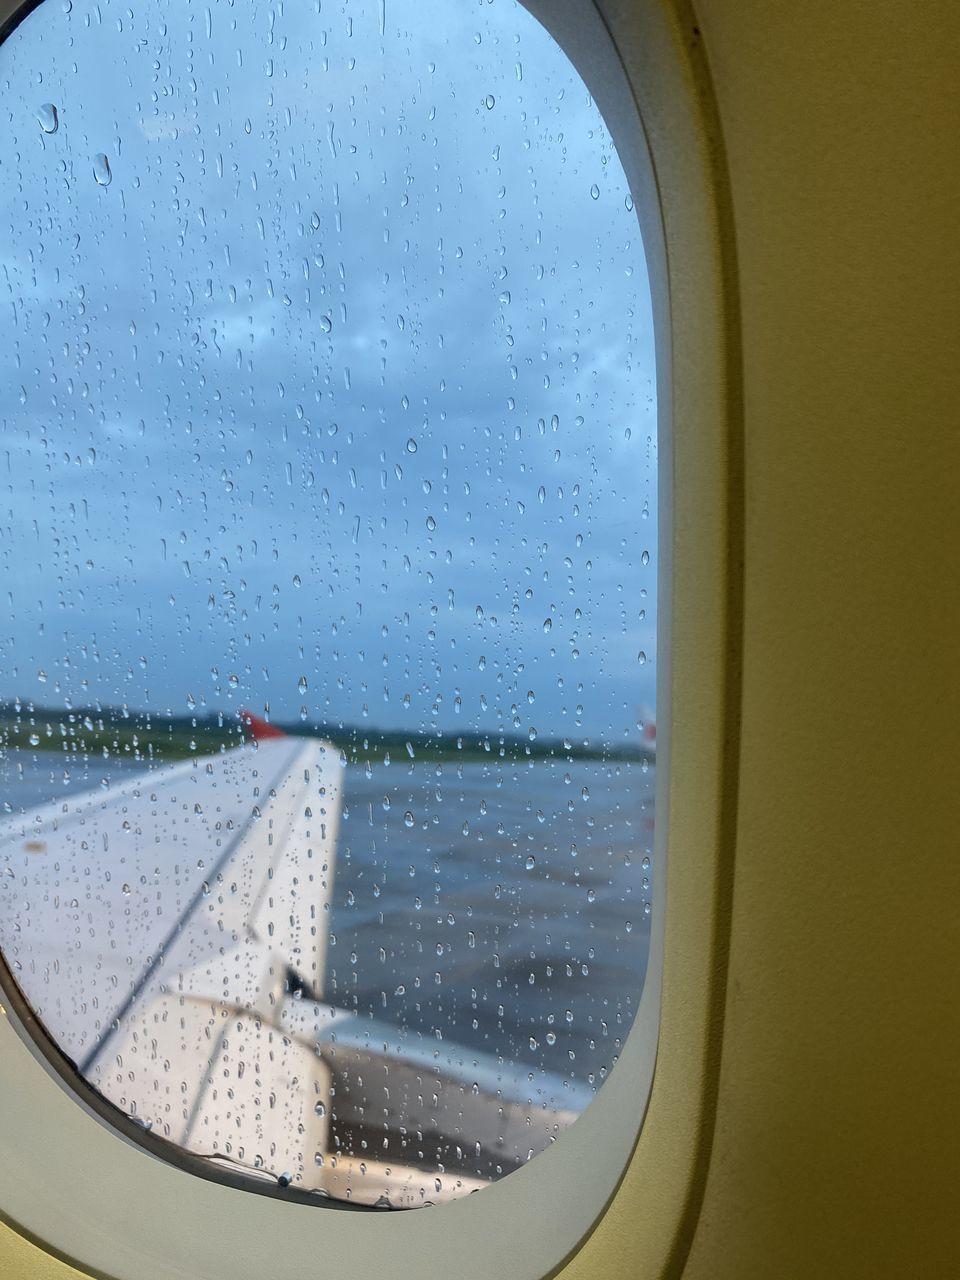 AIRPLANE SEEN THROUGH WET WINDOW